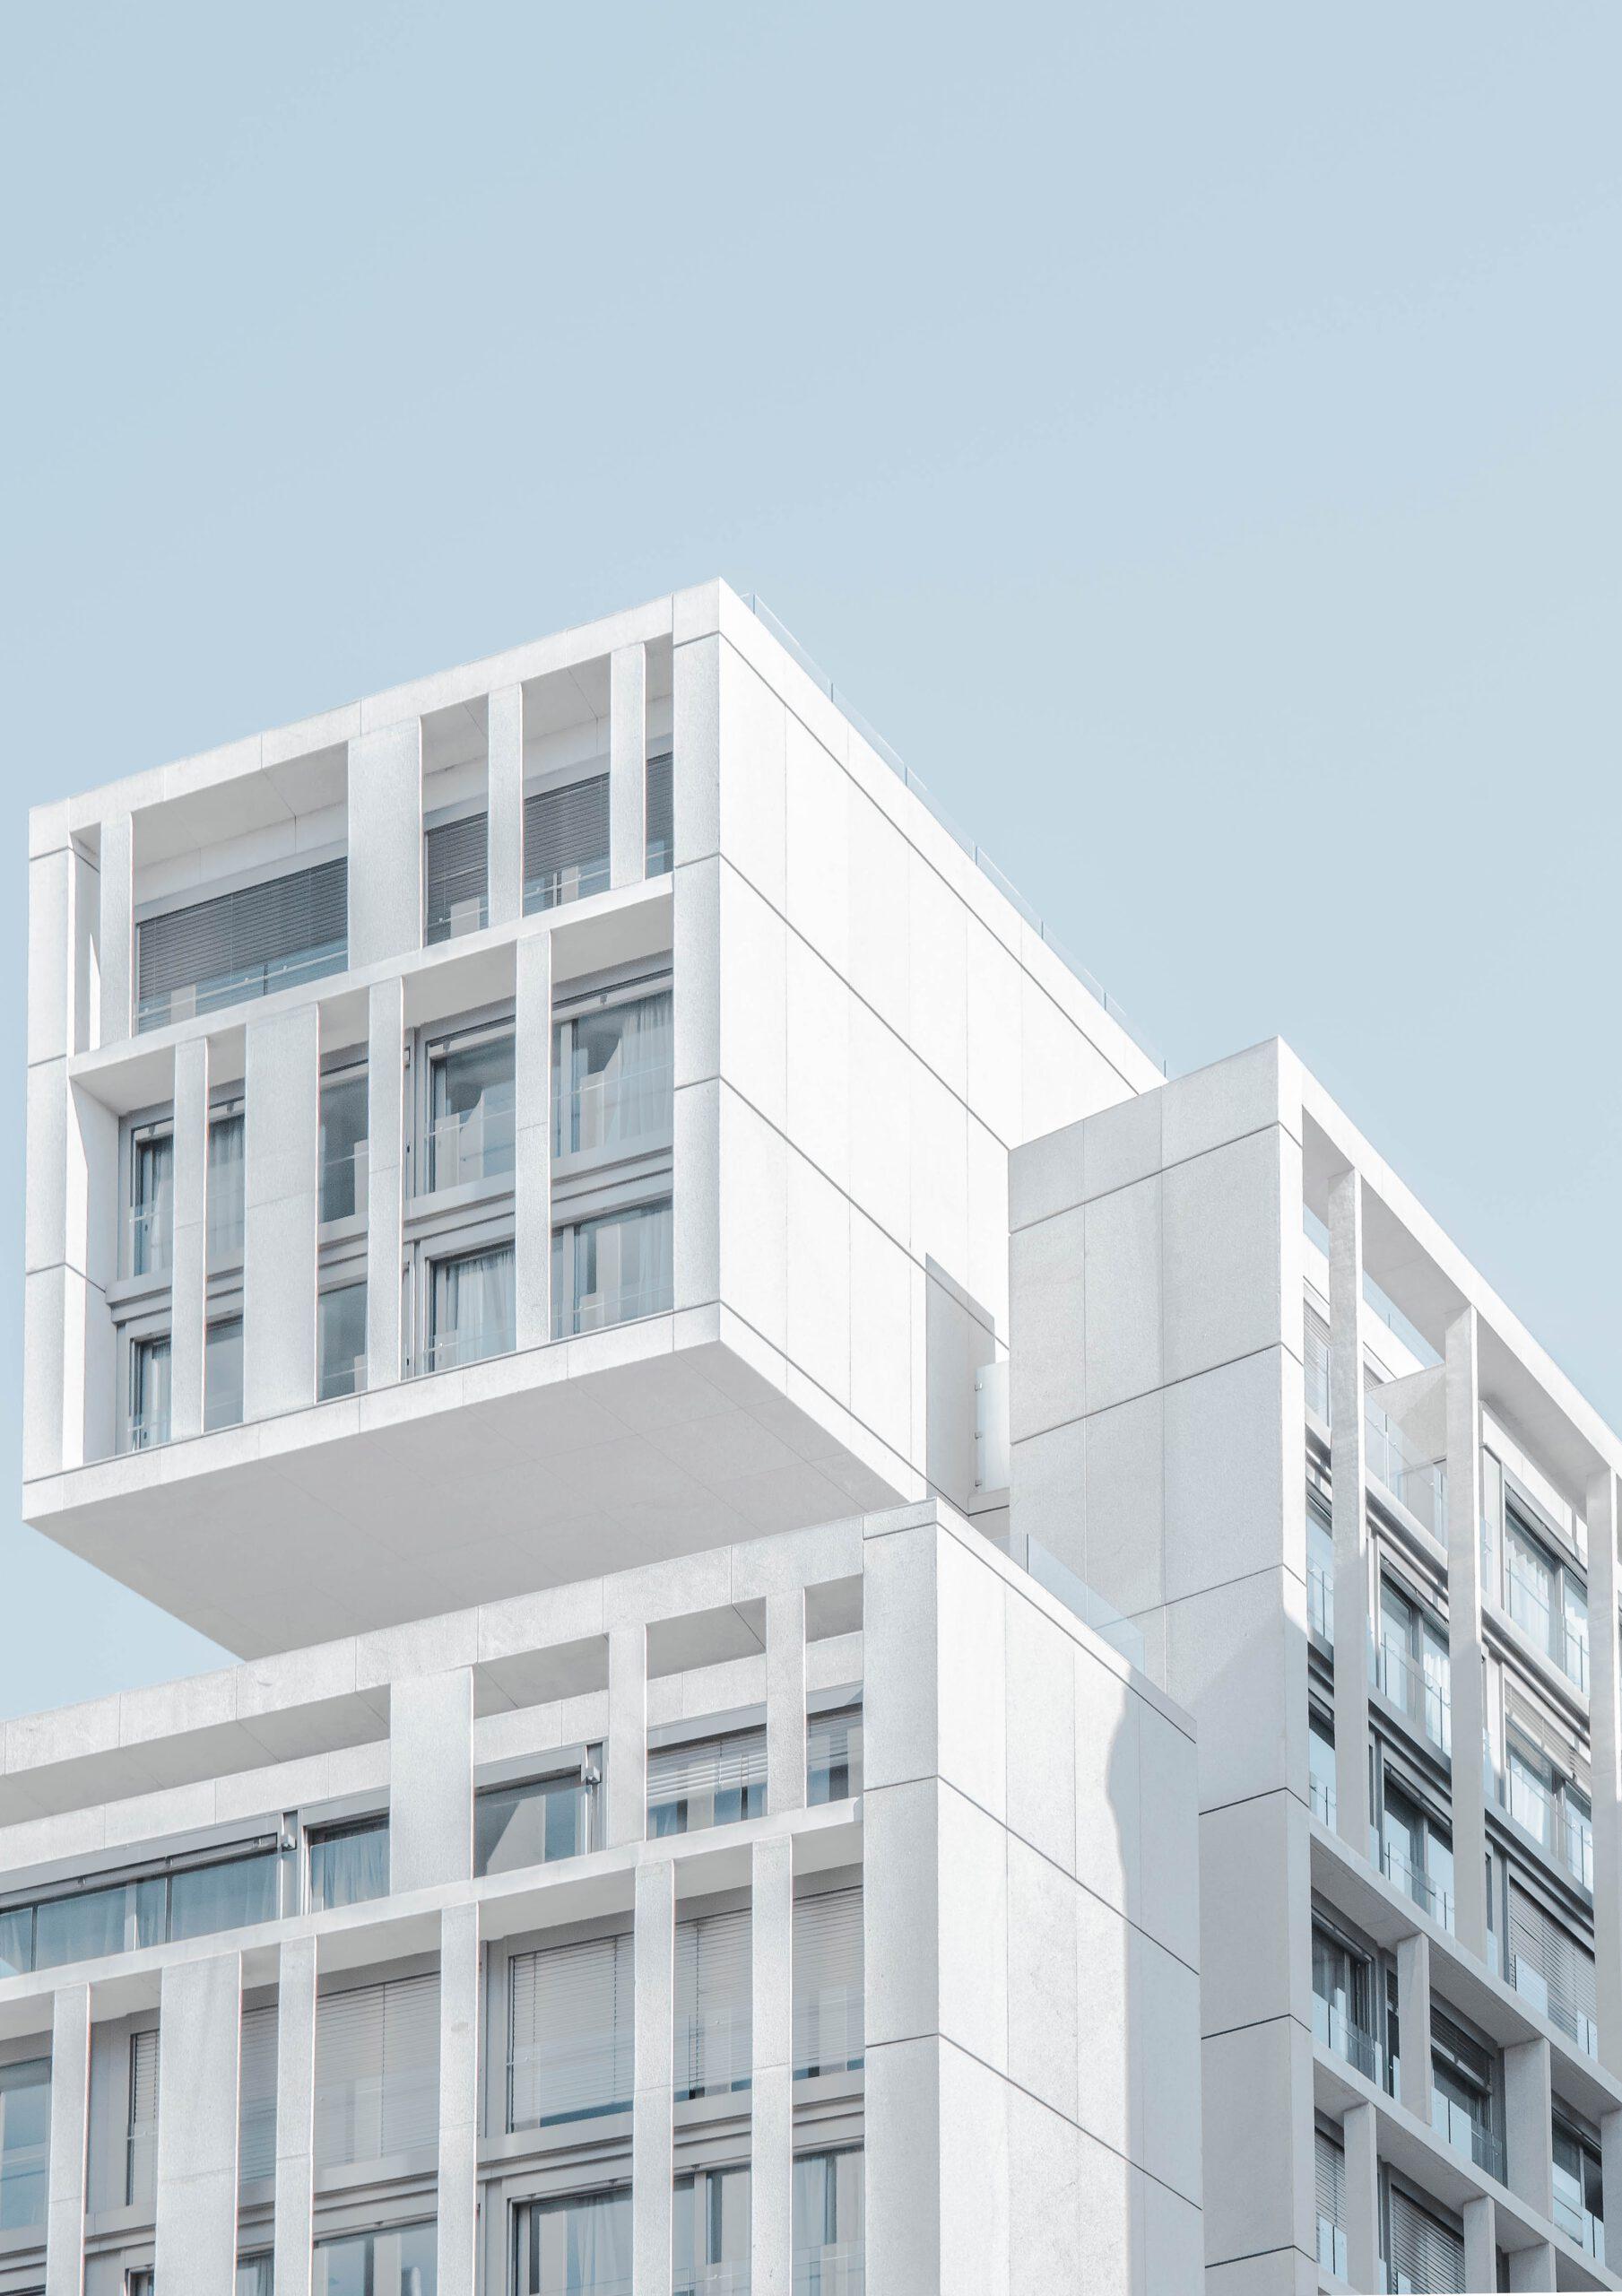 Nowe mieszkanie w stanie deweloperskim czy pod klucz?